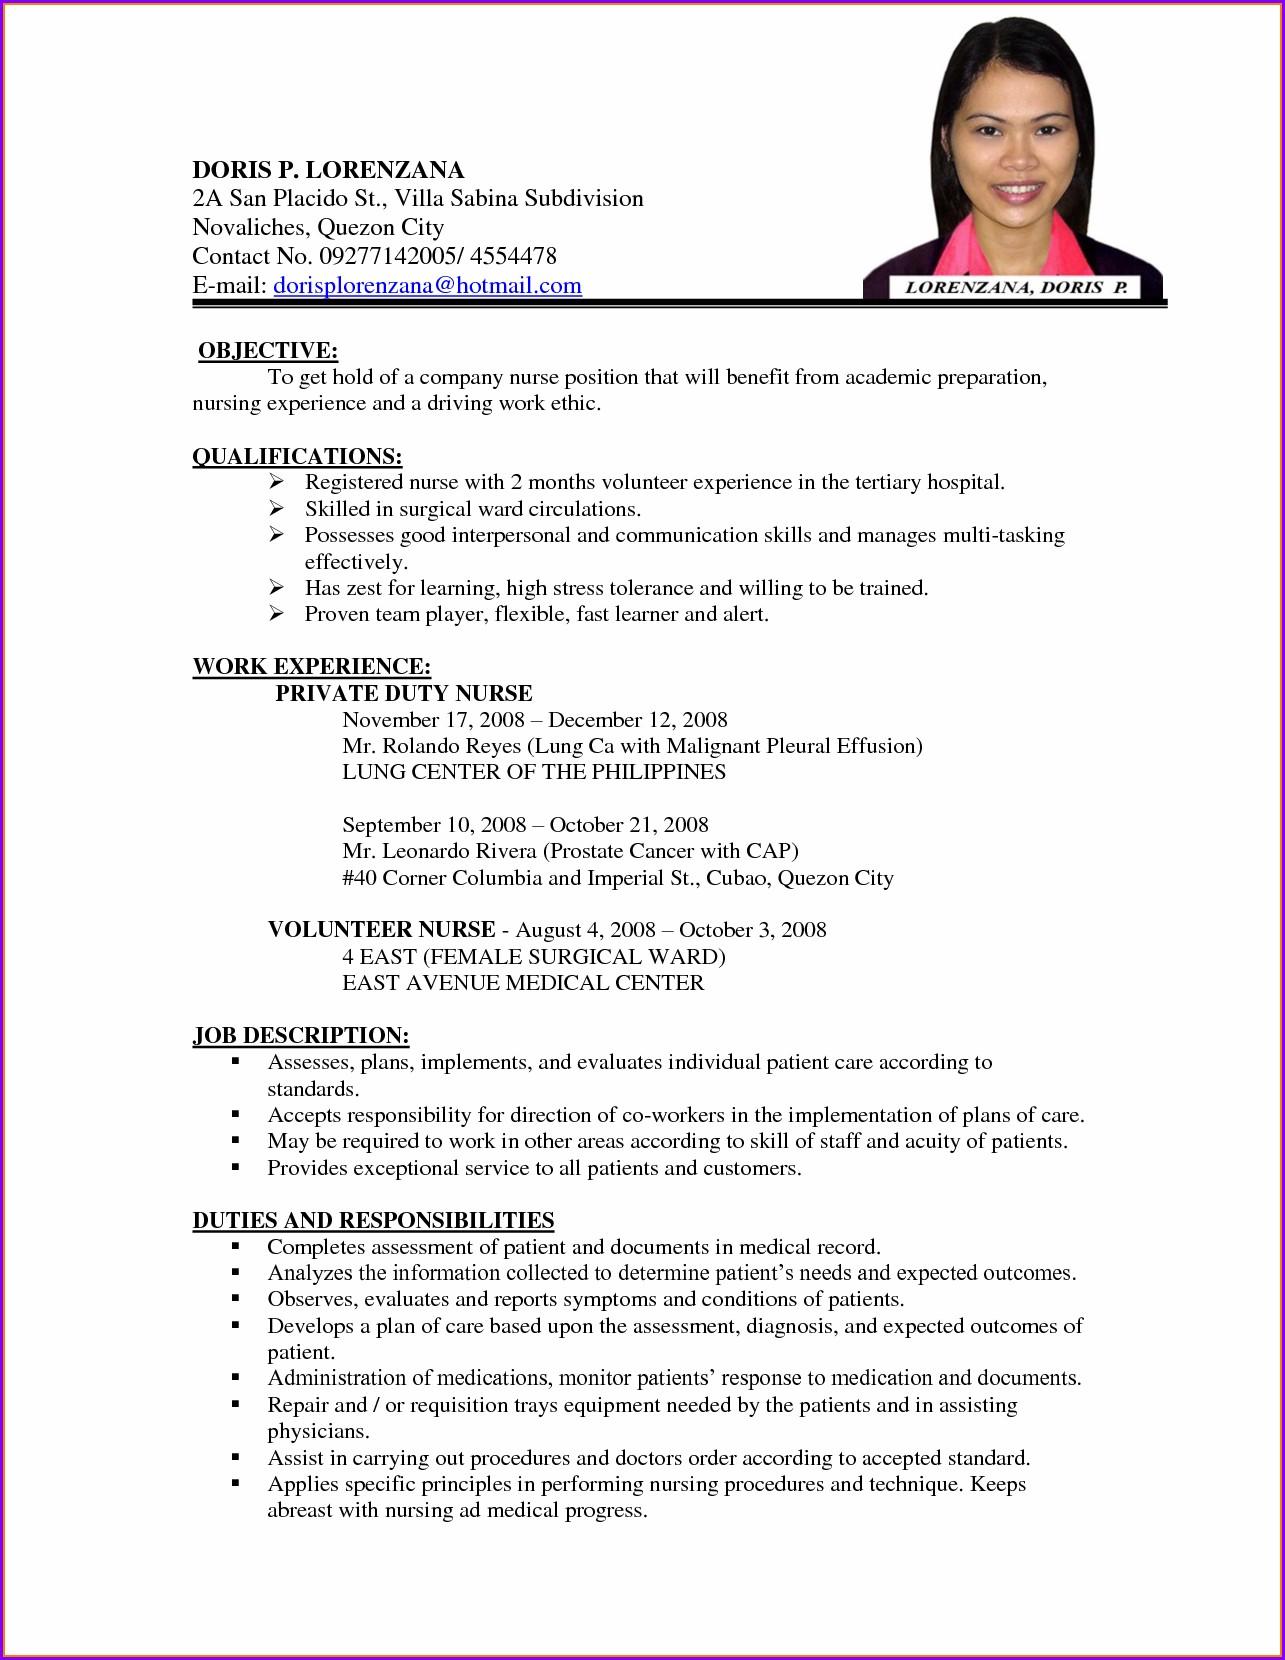 Curriculum Vitae Format For Nurses Pdf